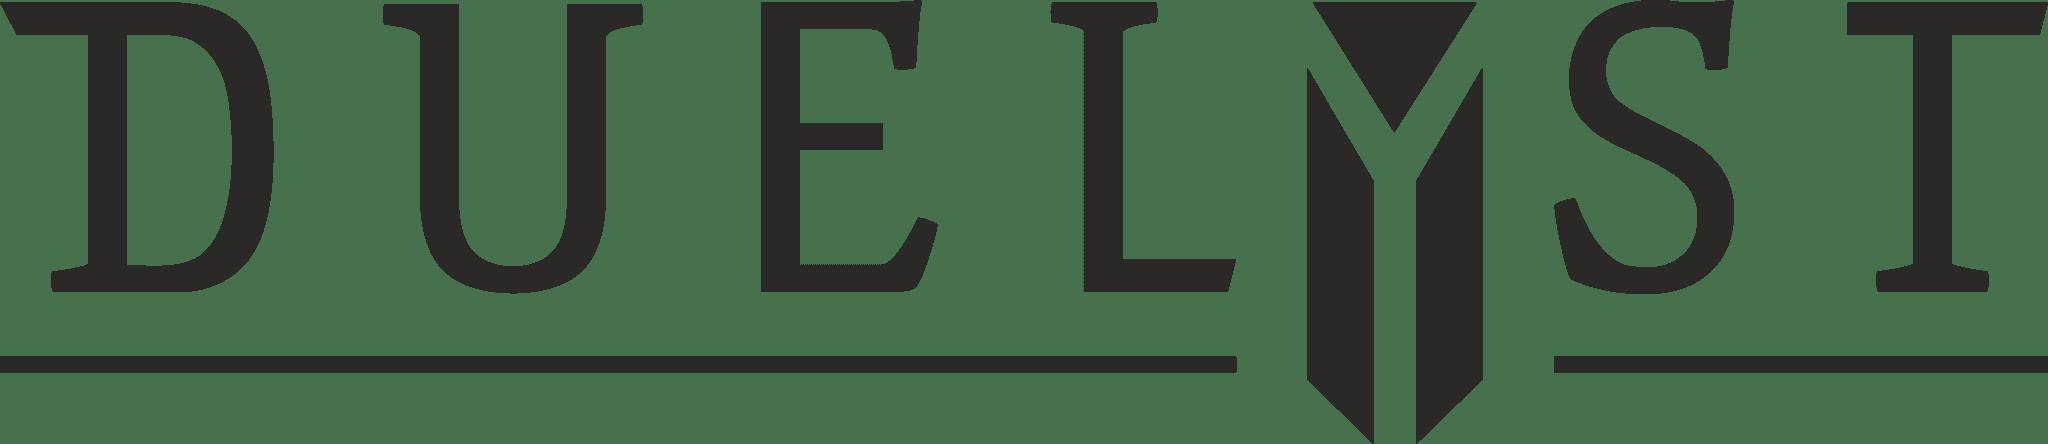 Logoduelyst2.1